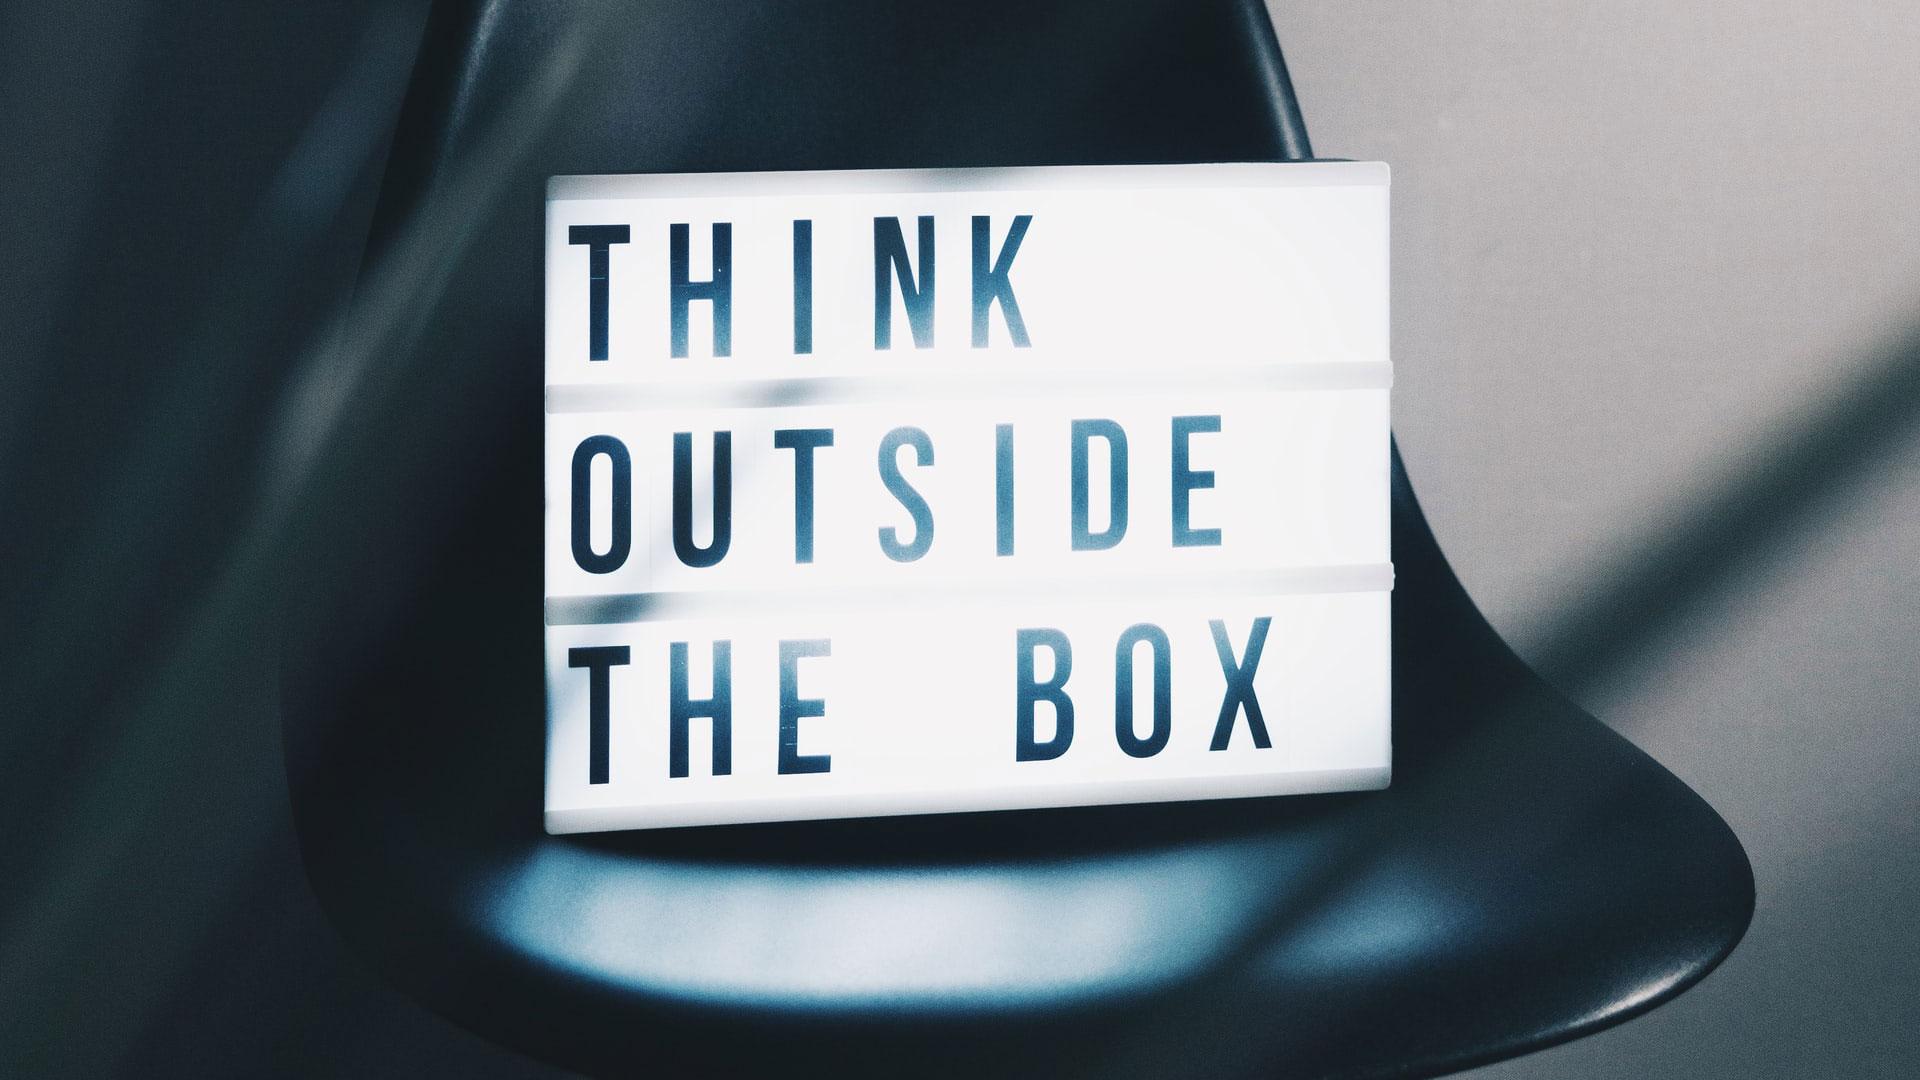 caixa de luzes a dizer think outside the box